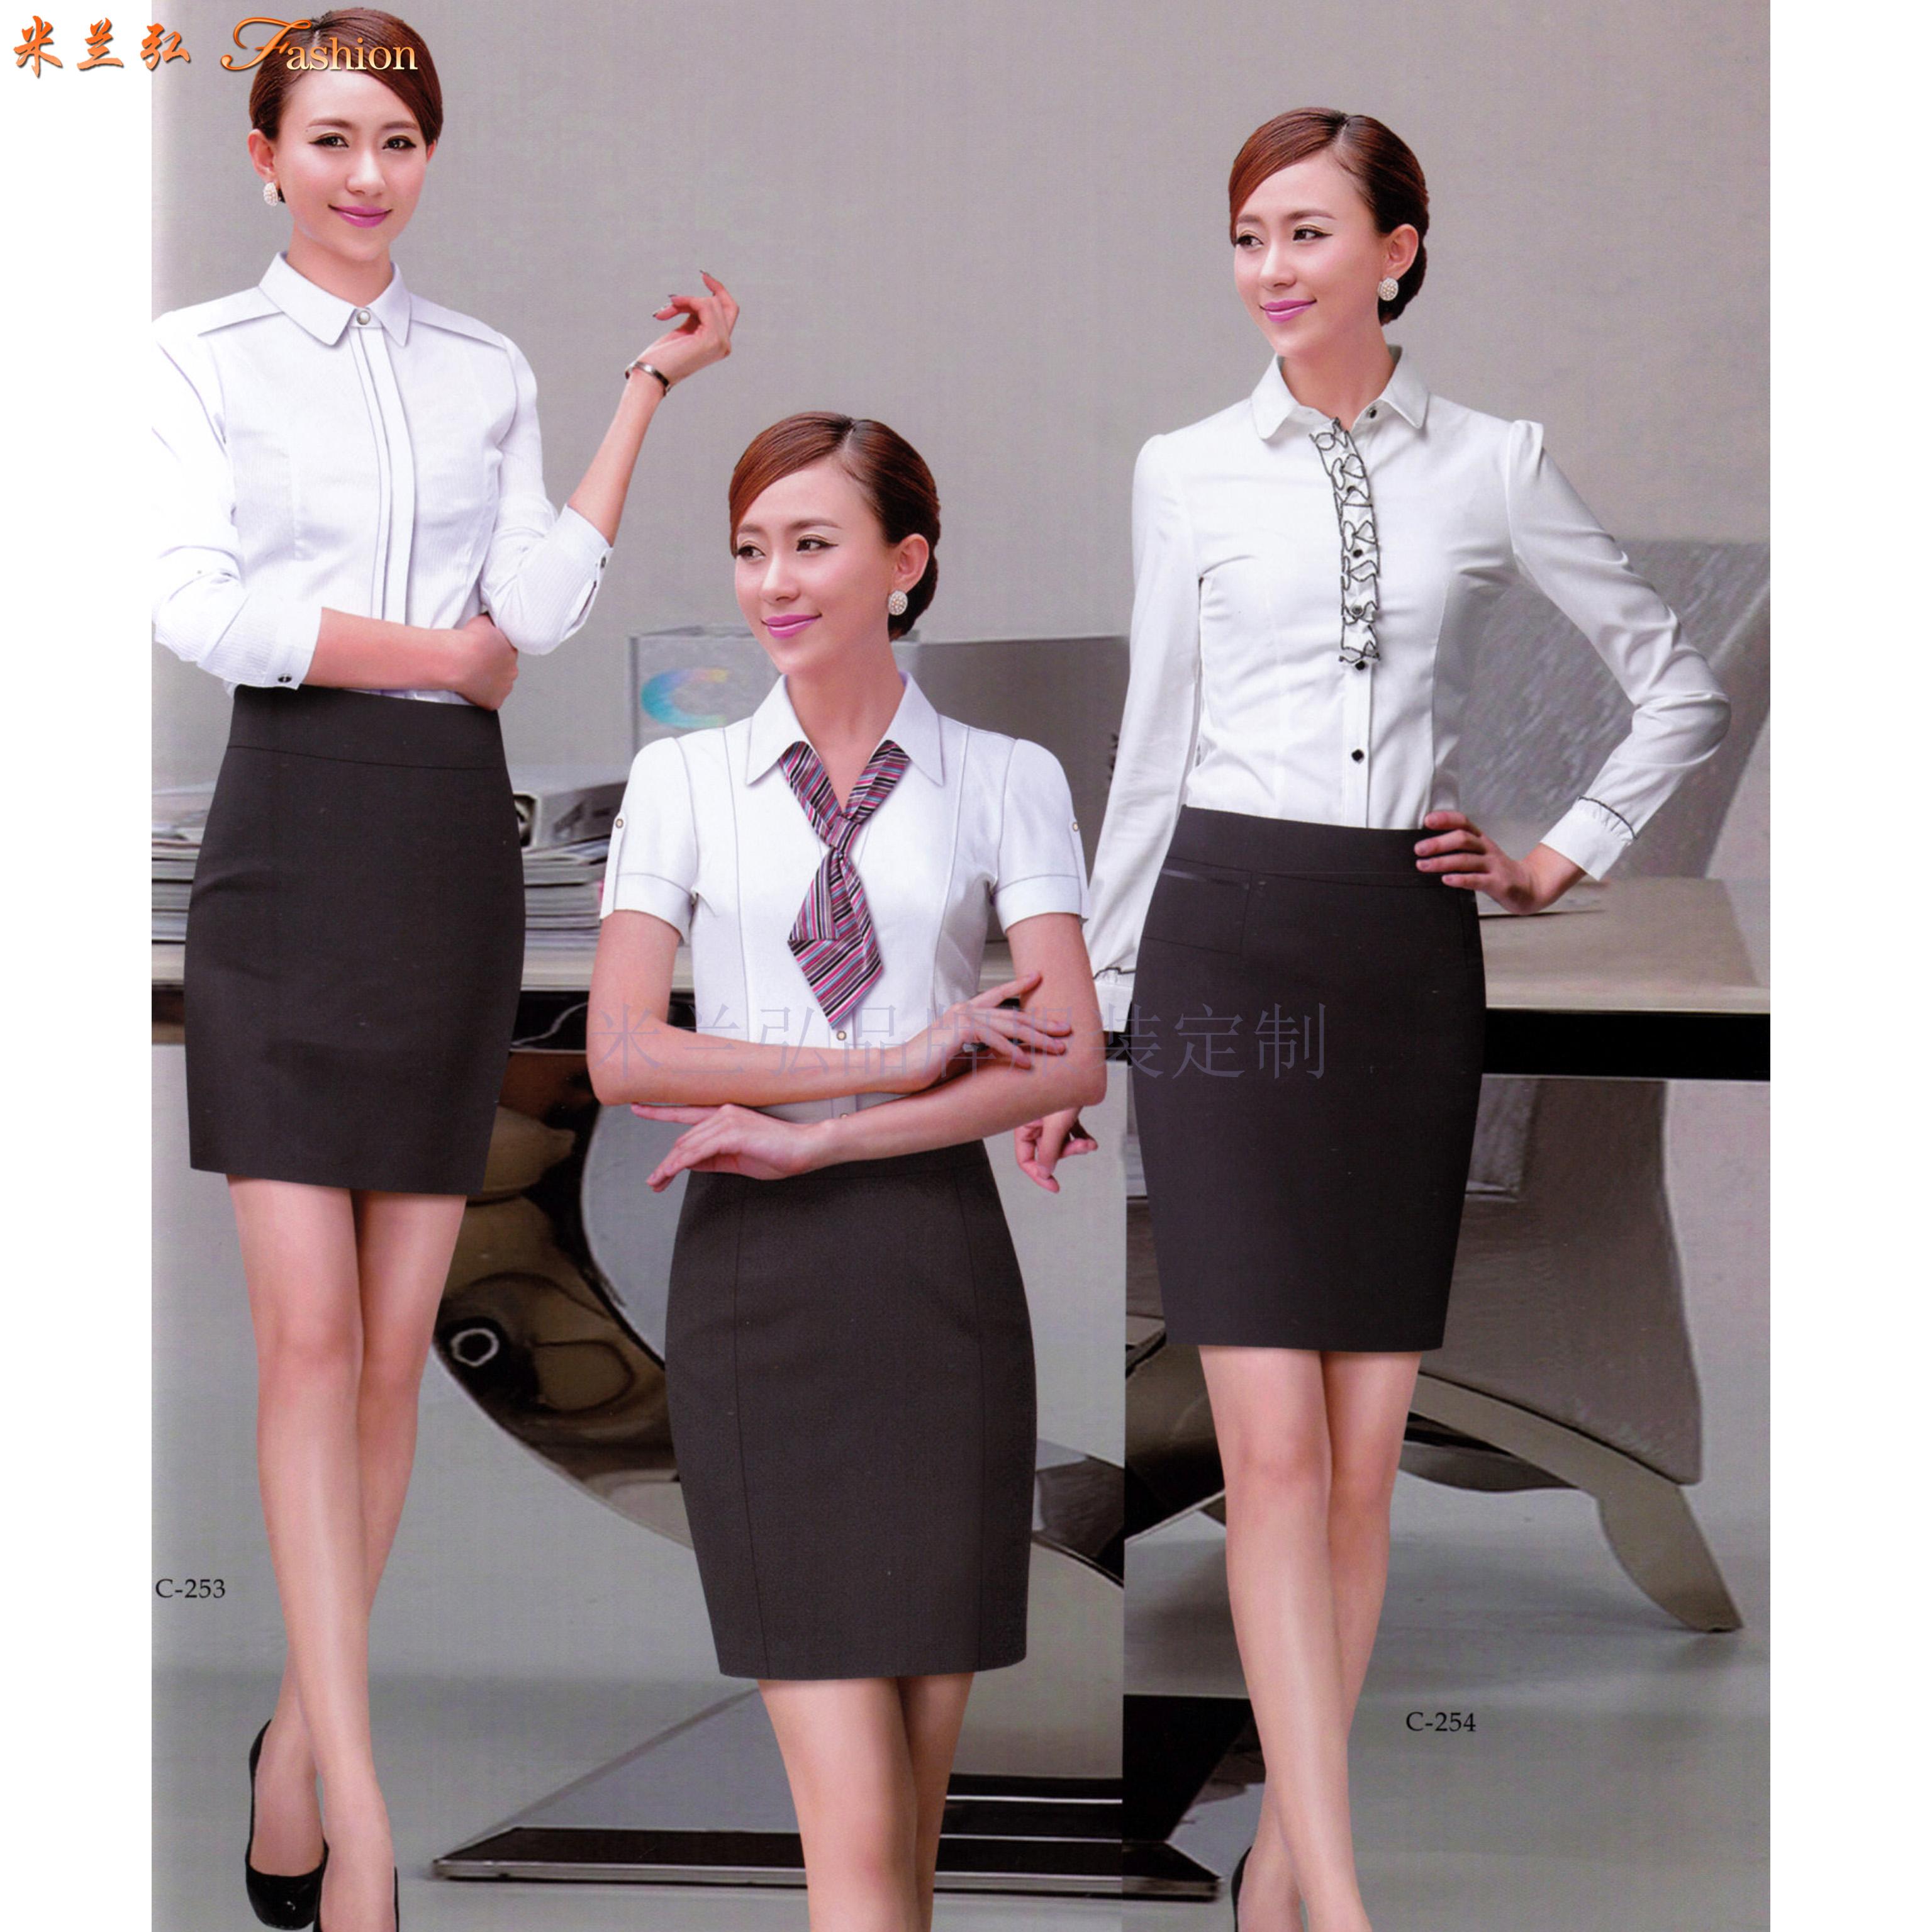 「法式襯衫」定制企業高管純棉免燙法式襯衫、白色防靜電襯衫-1